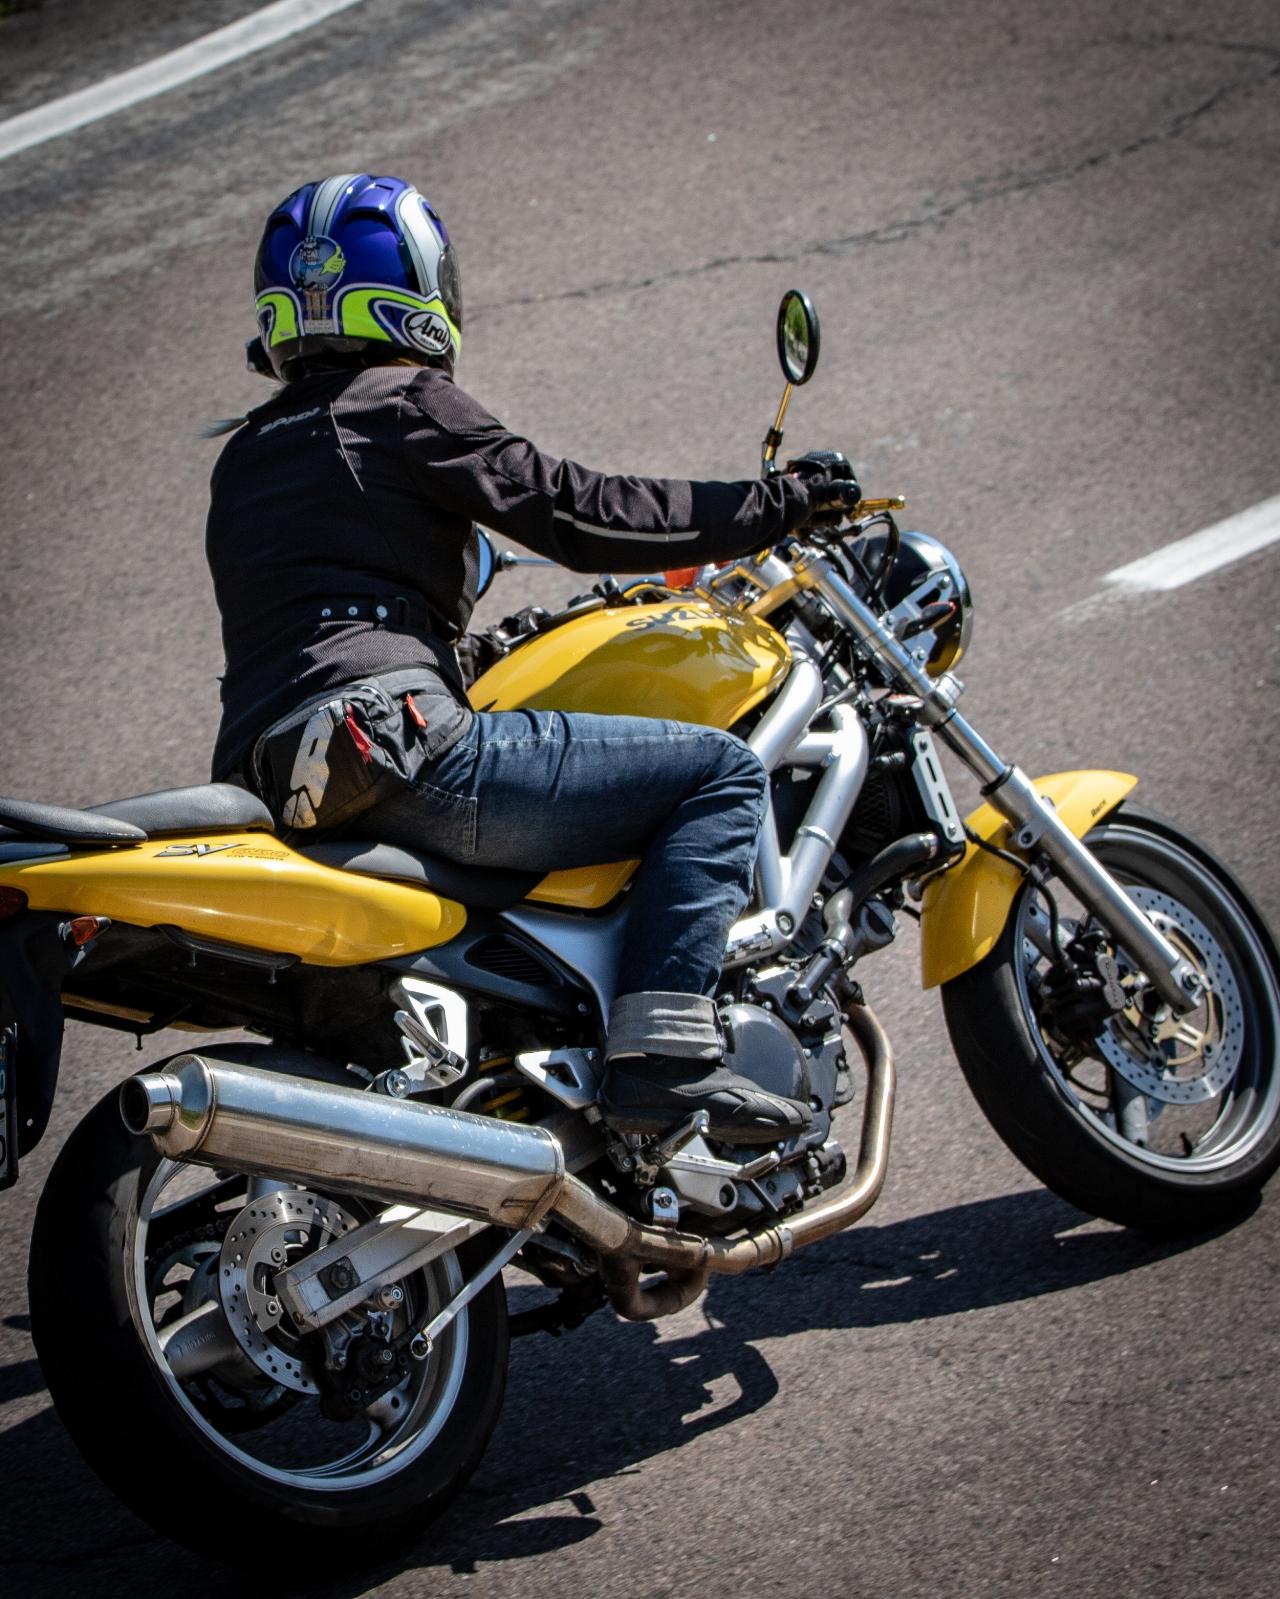 Sv 650 suzuki woman motorcyclist